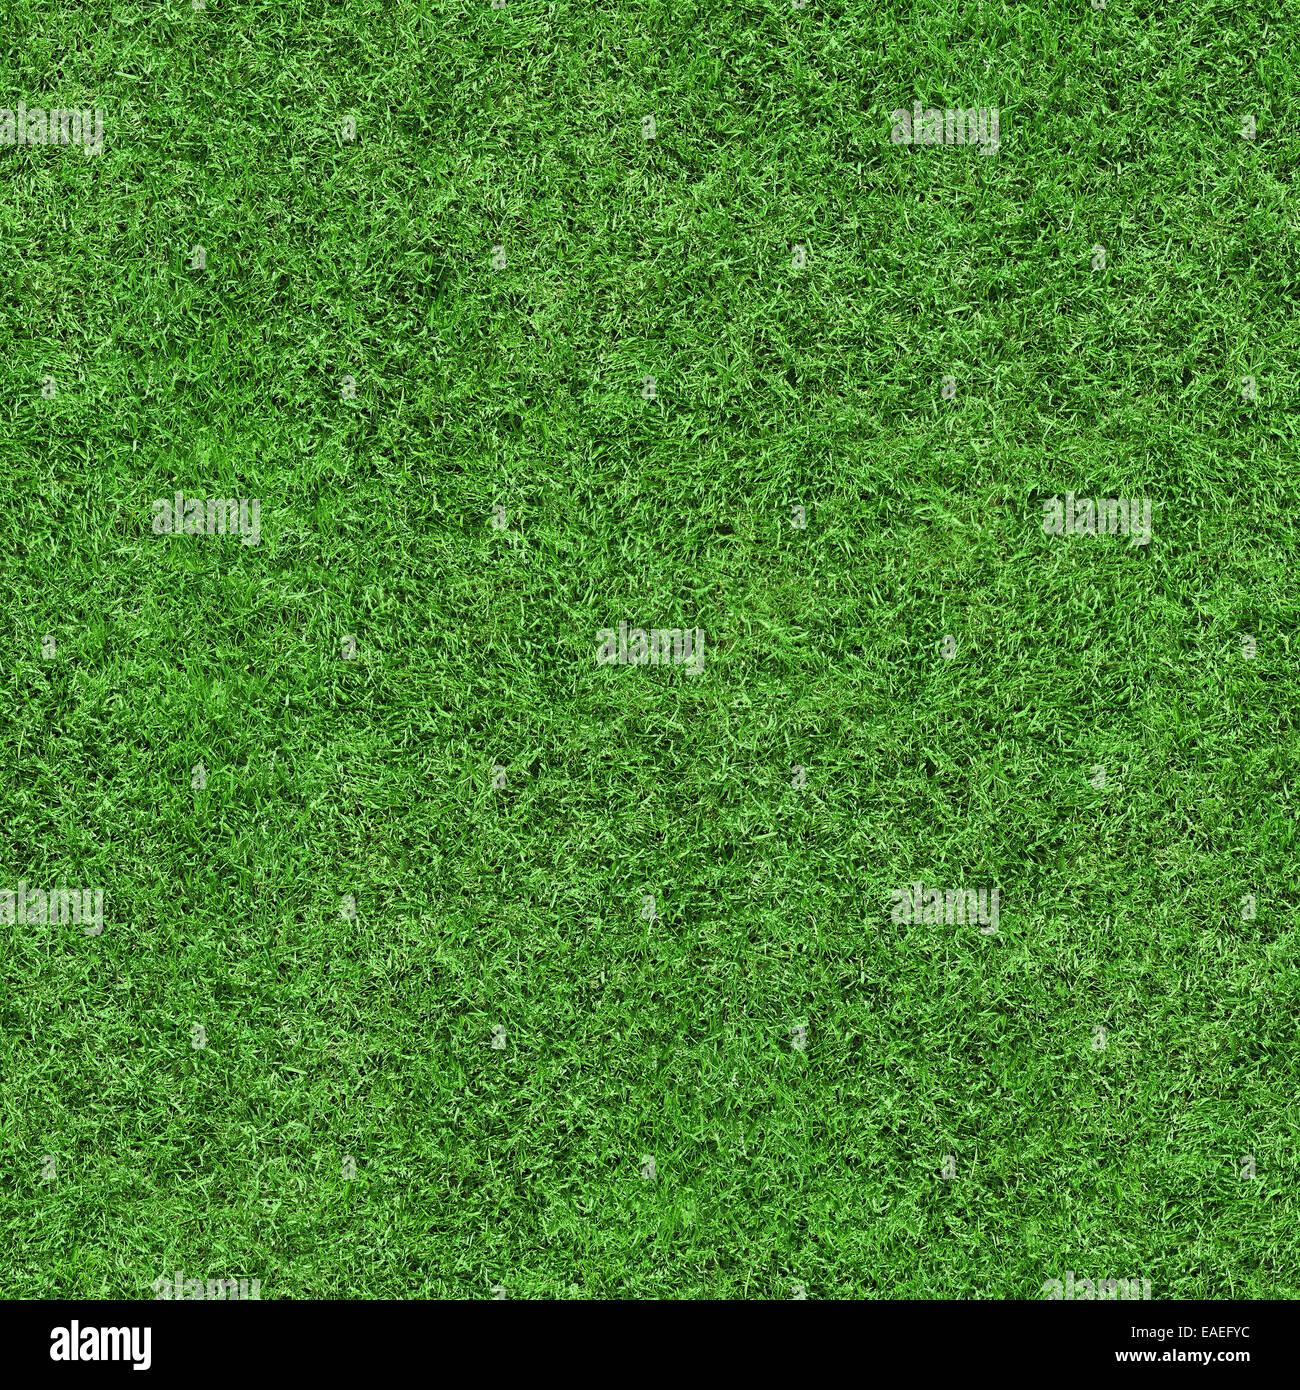 Verde erba texture di sfondo senza giunture, perfetto per la natura, l'ambiente, sport e molto di più ... Immagini Stock